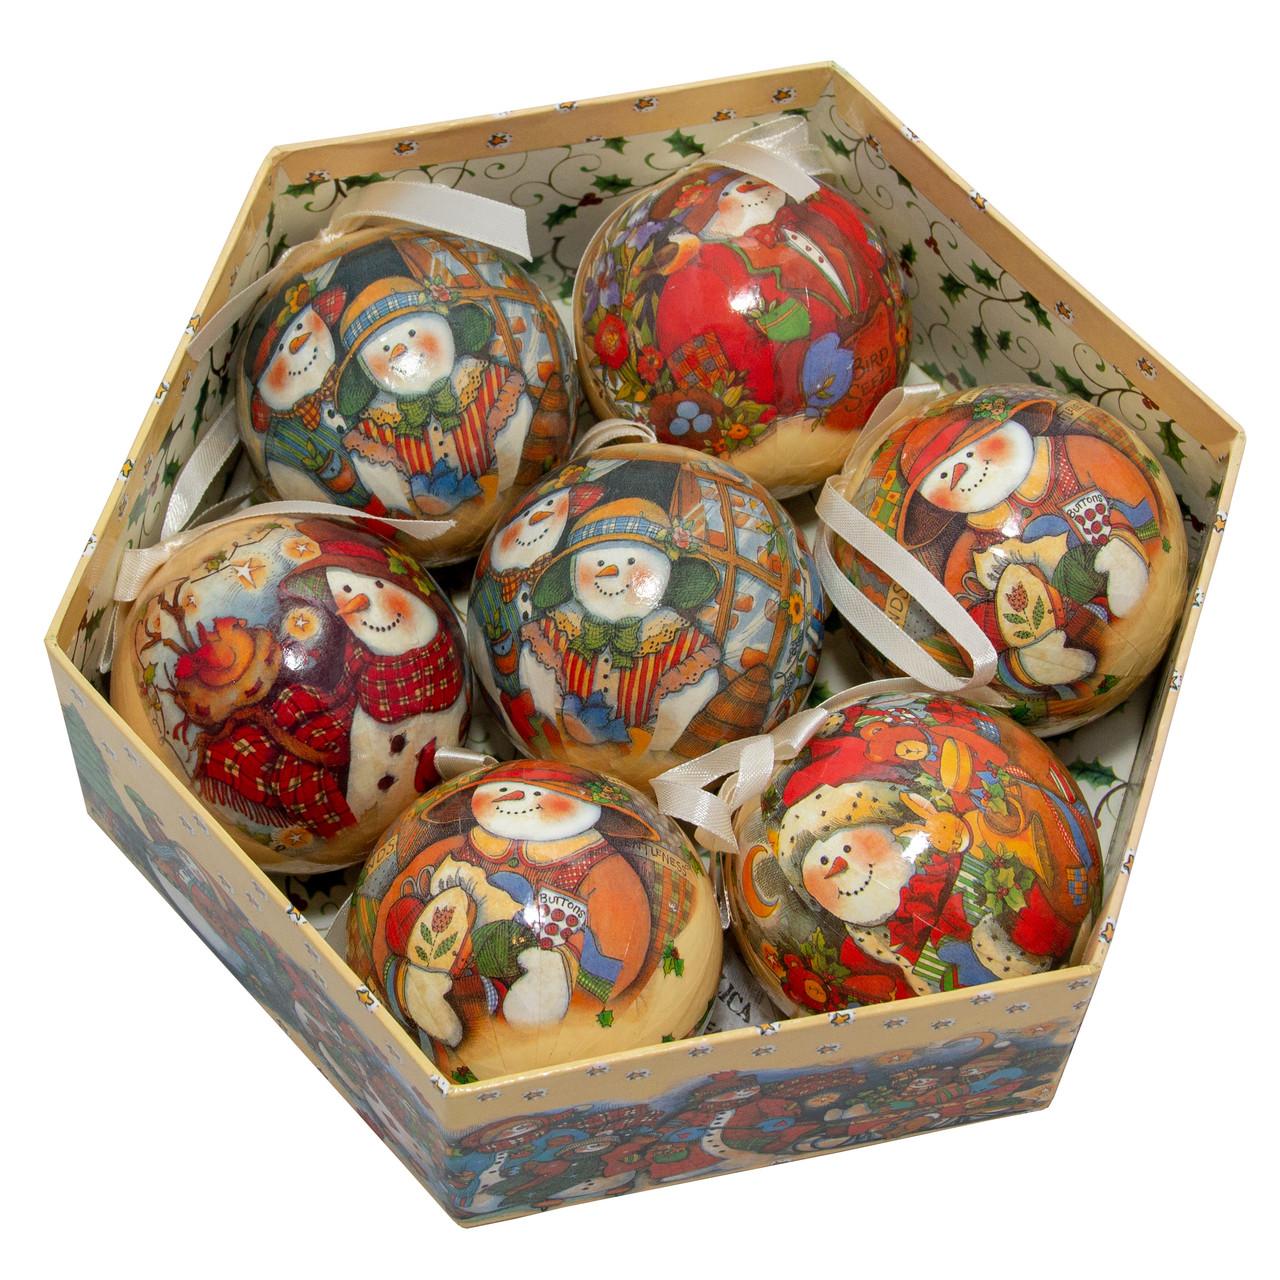 Набор елочных игрушек - шары Снеговик, 7 шт, D7,5 см, разноцветный с росписью, пенопласт (420025-3)